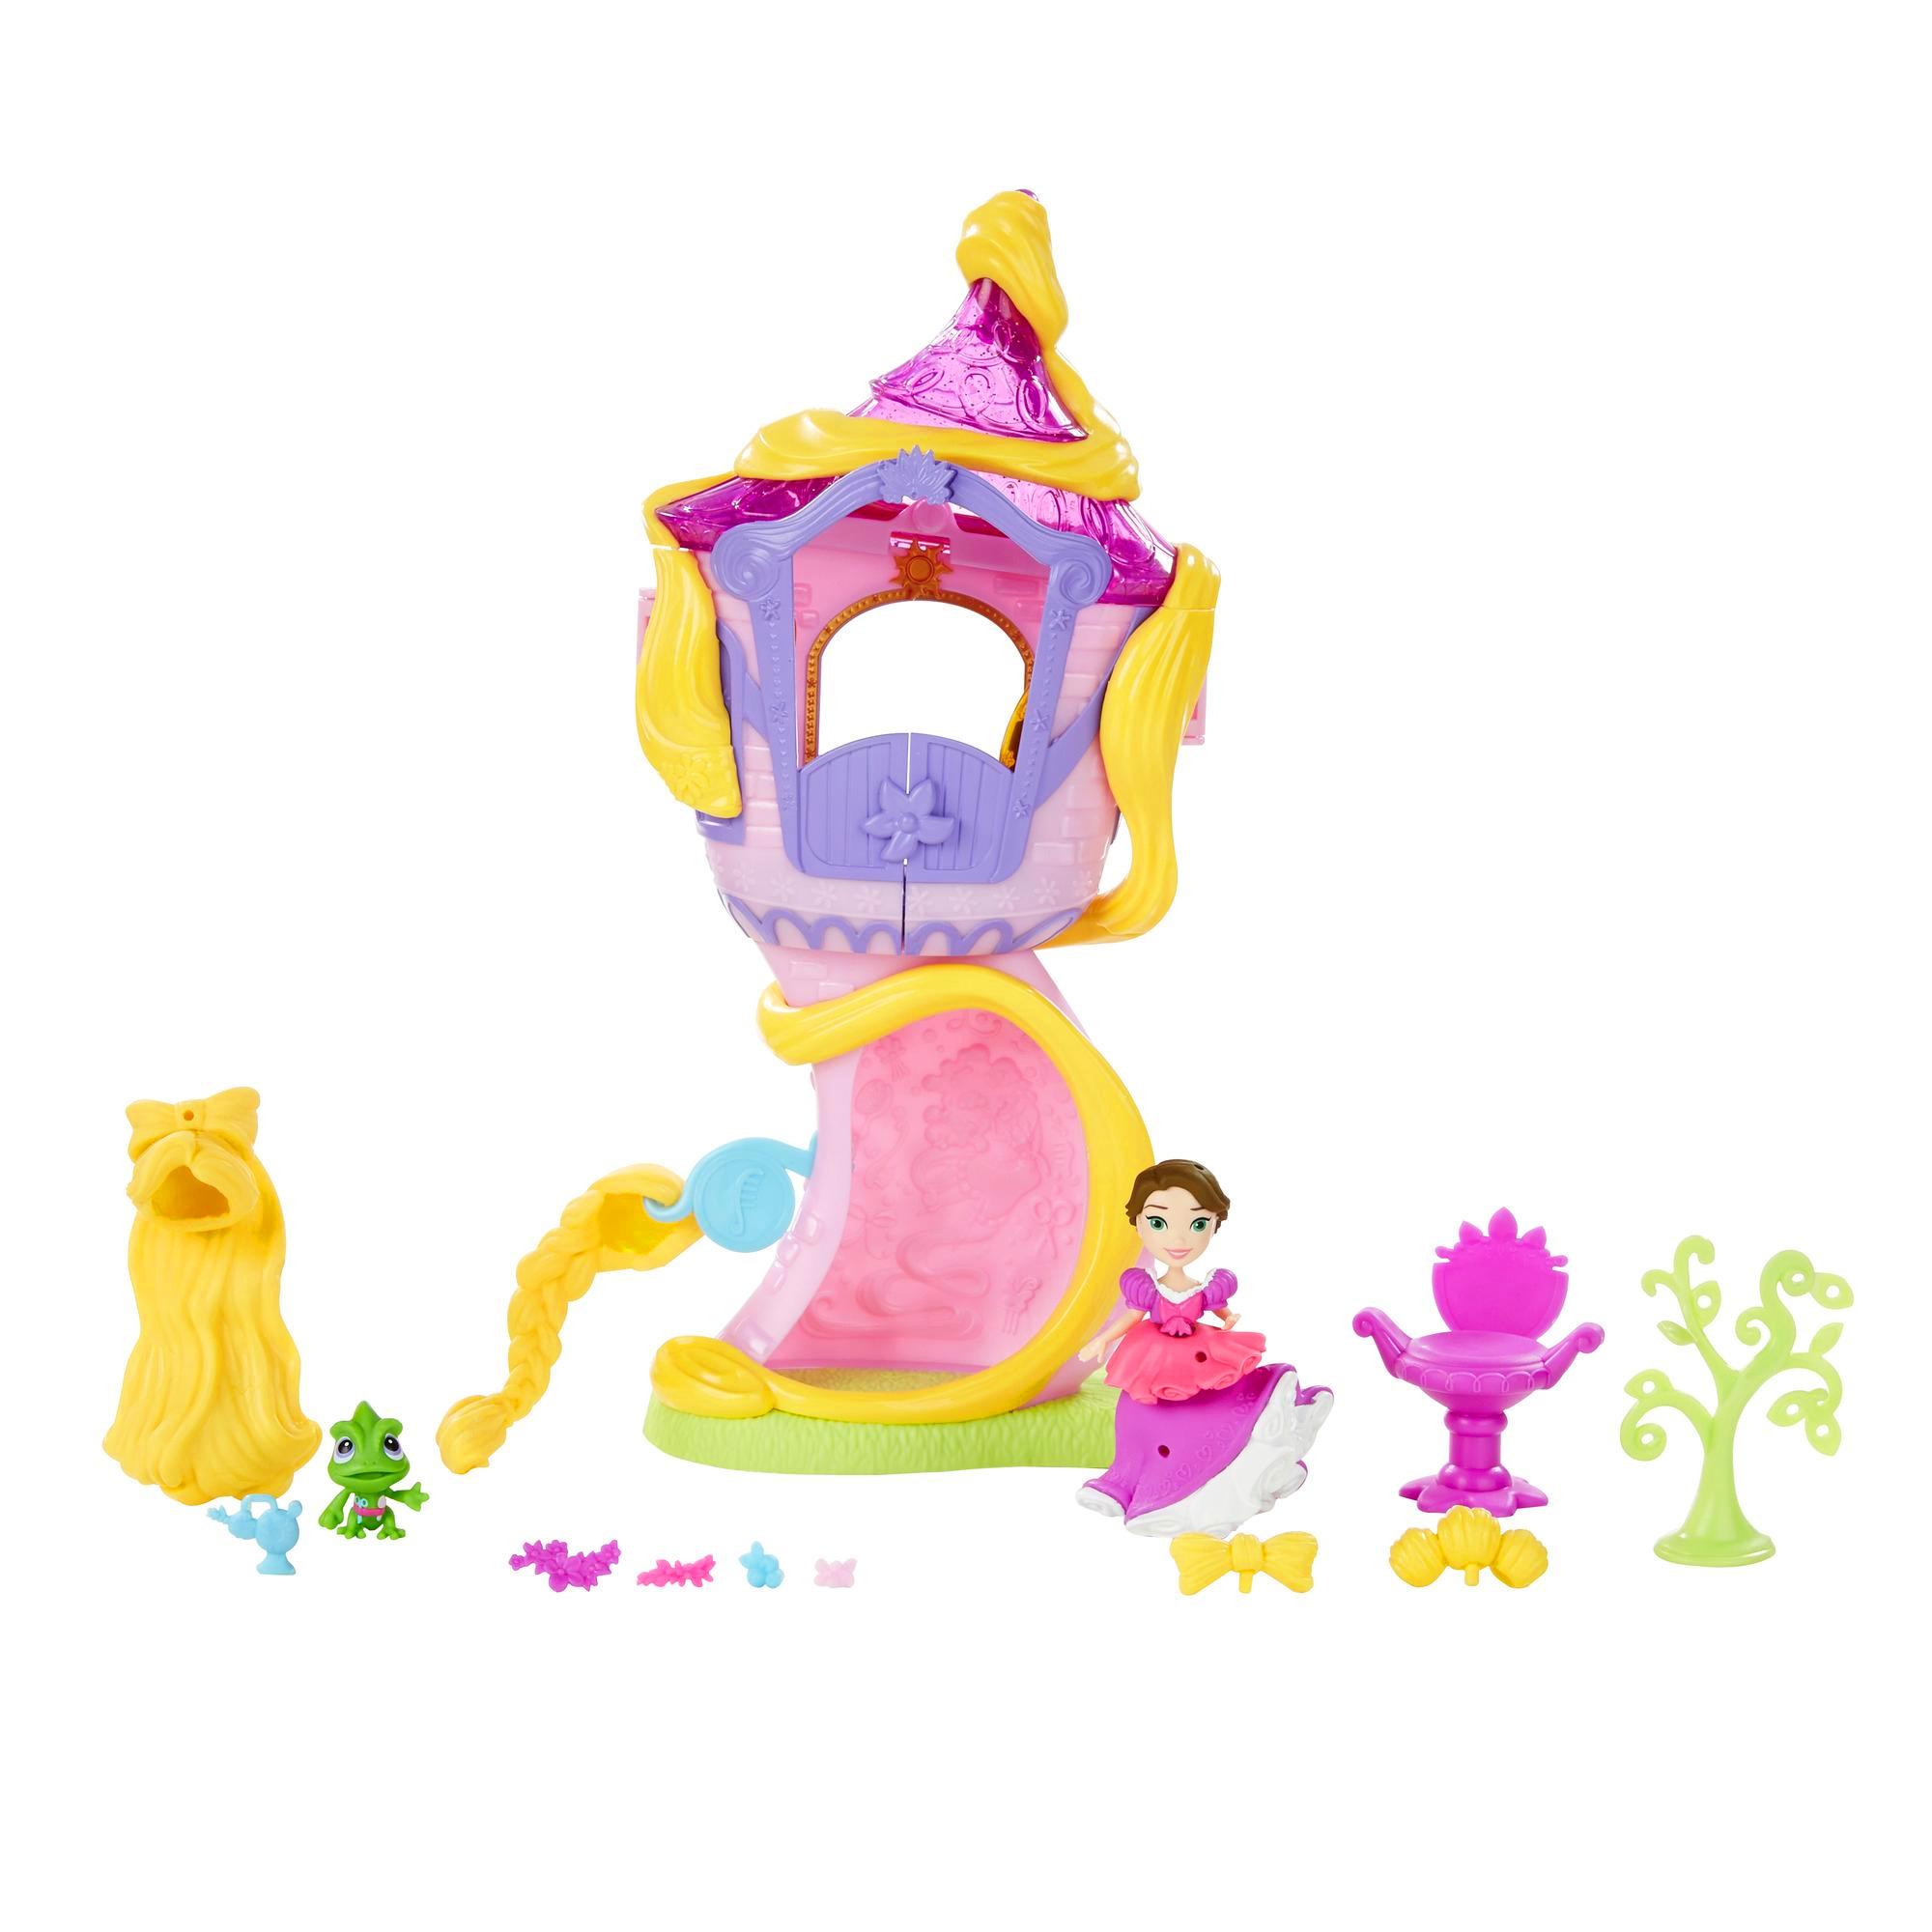 Купить Игровой набор «Башня Рапунцель» из серии «Принцессы Дисней», Hasbro